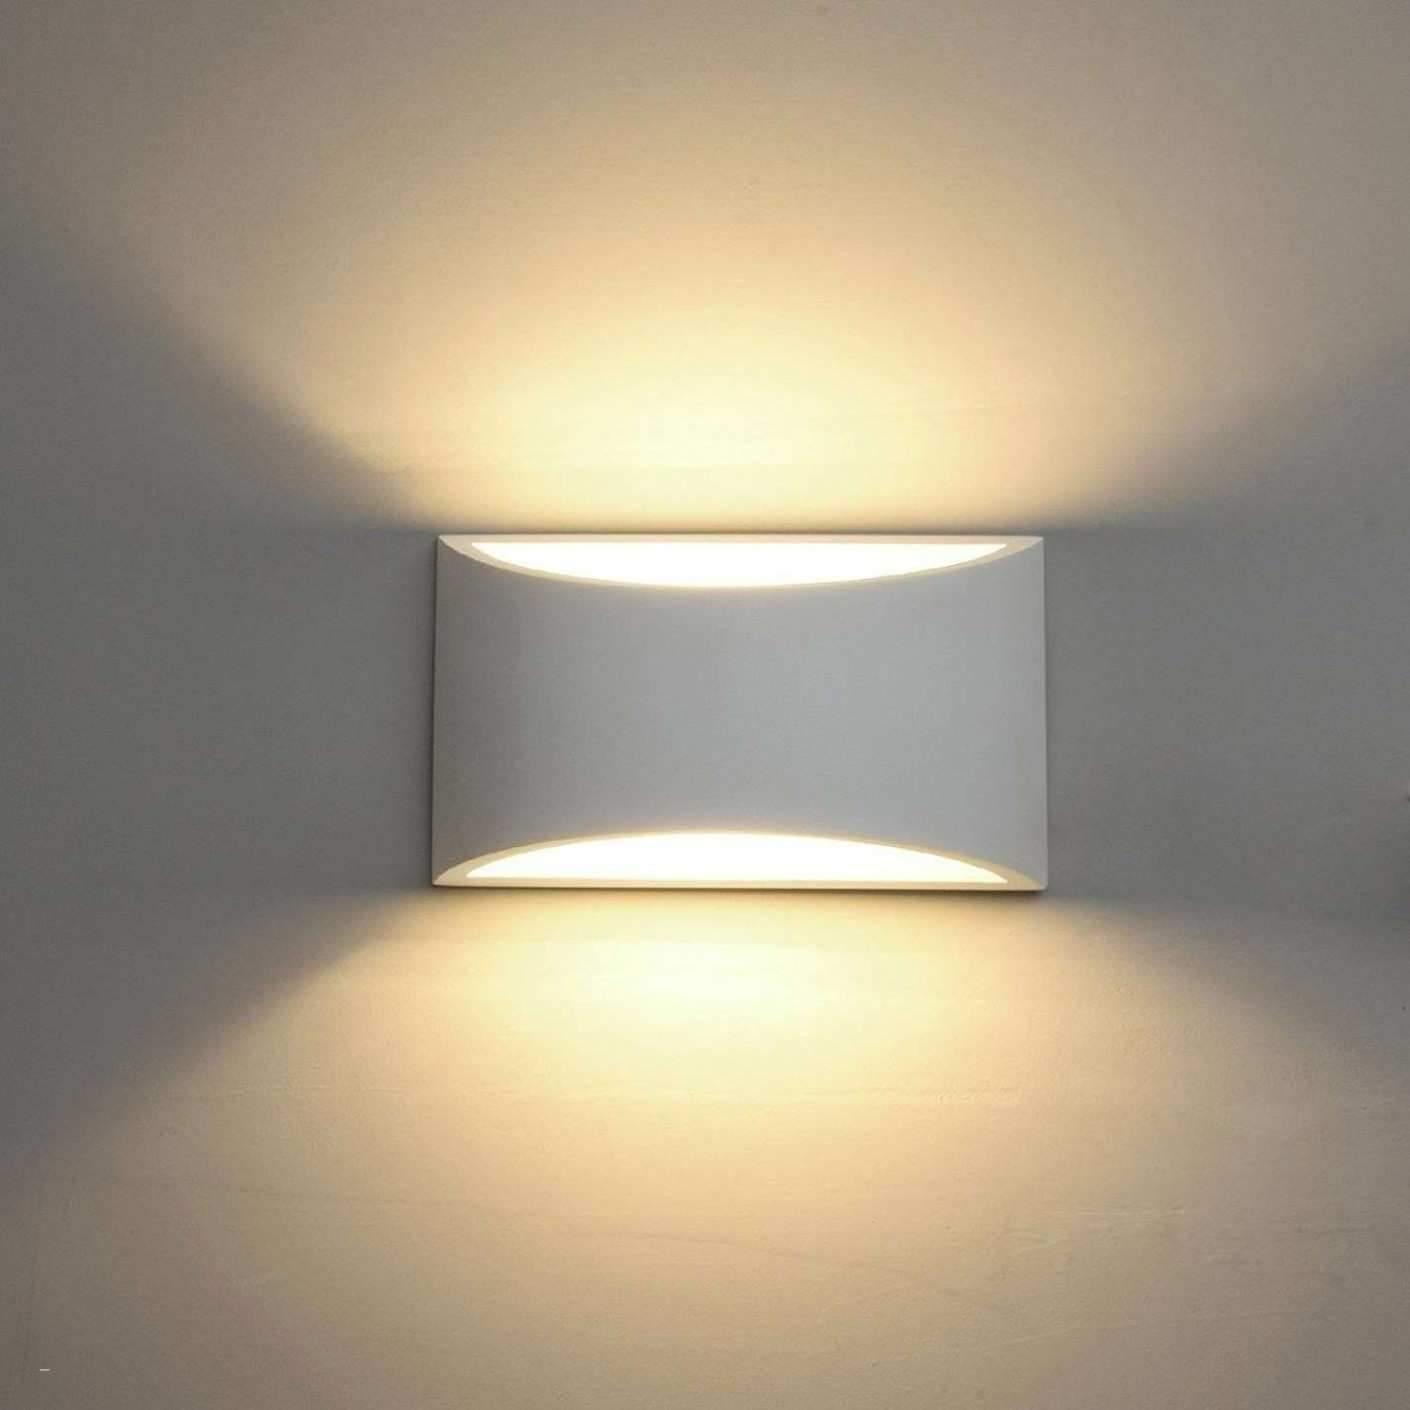 Full Size of Ikea Lampen Wohnzimmer Frisch Das Beste Von Deckenlampe Küche Schlafzimmer Miniküche Deckenlampen Kosten Modulküche Esstisch Kaufen Für Betten 160x200 Bad Wohnzimmer Deckenlampe Ikea